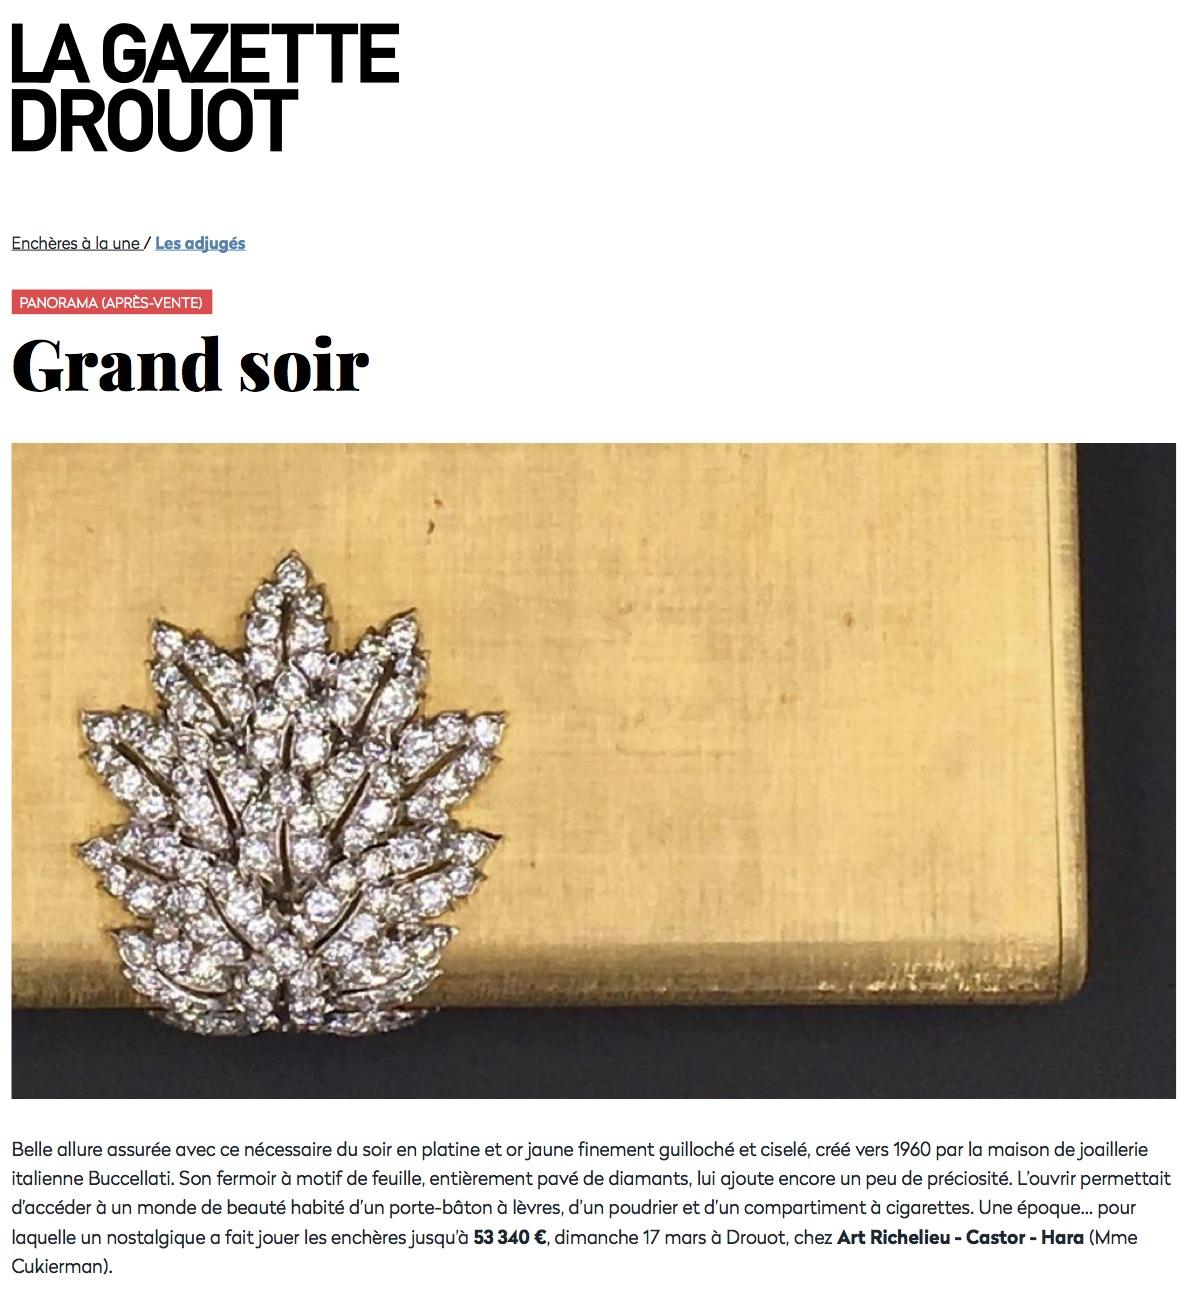 Après-vente Grand soir Gazette Drouot Expert Cukierman vente aux encheres jewellery and watches